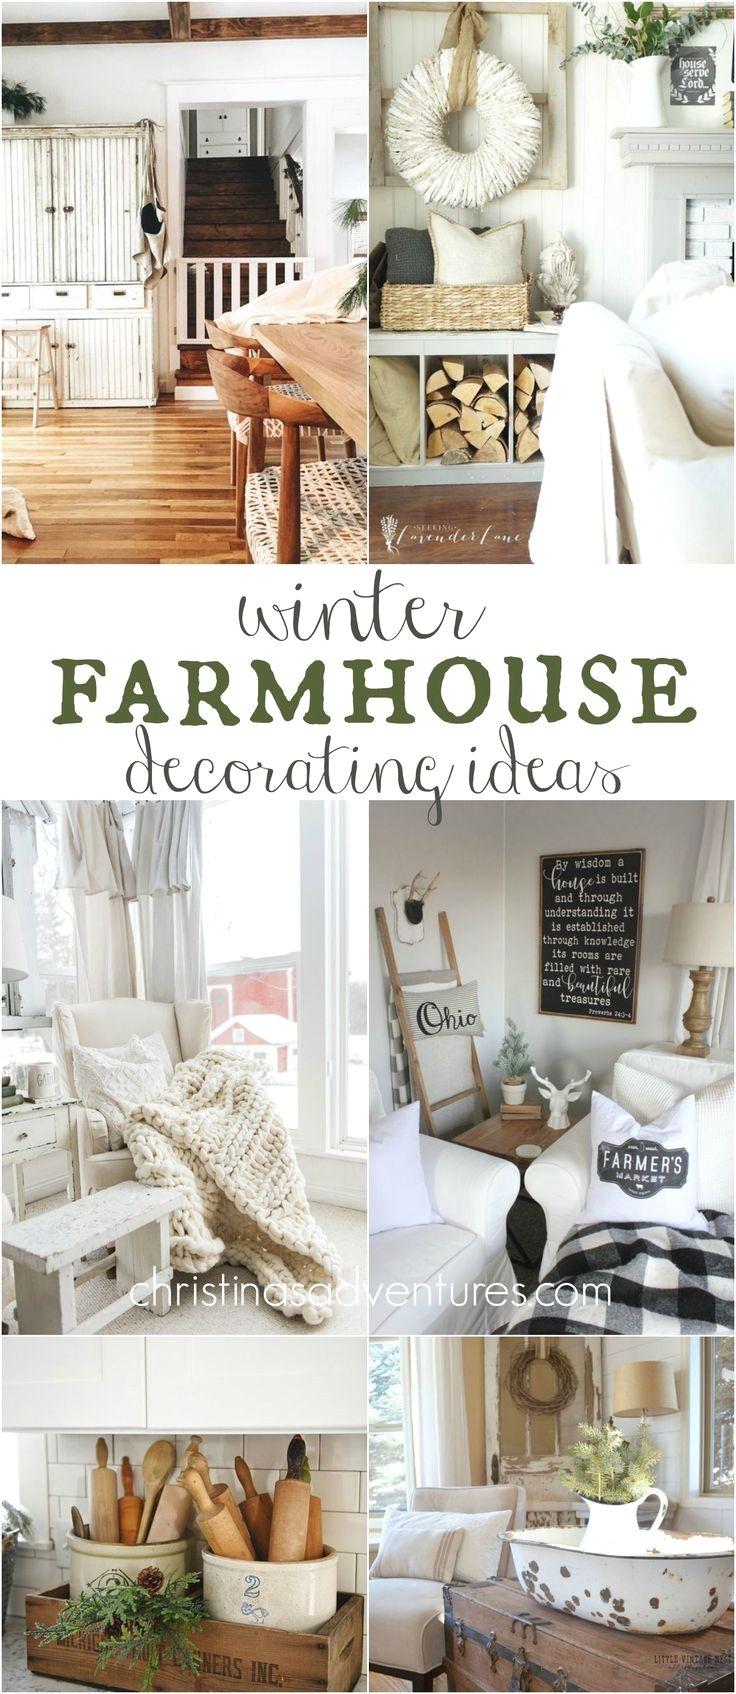 Winter Farmhouse Decorating Ideas Unique home decor Home